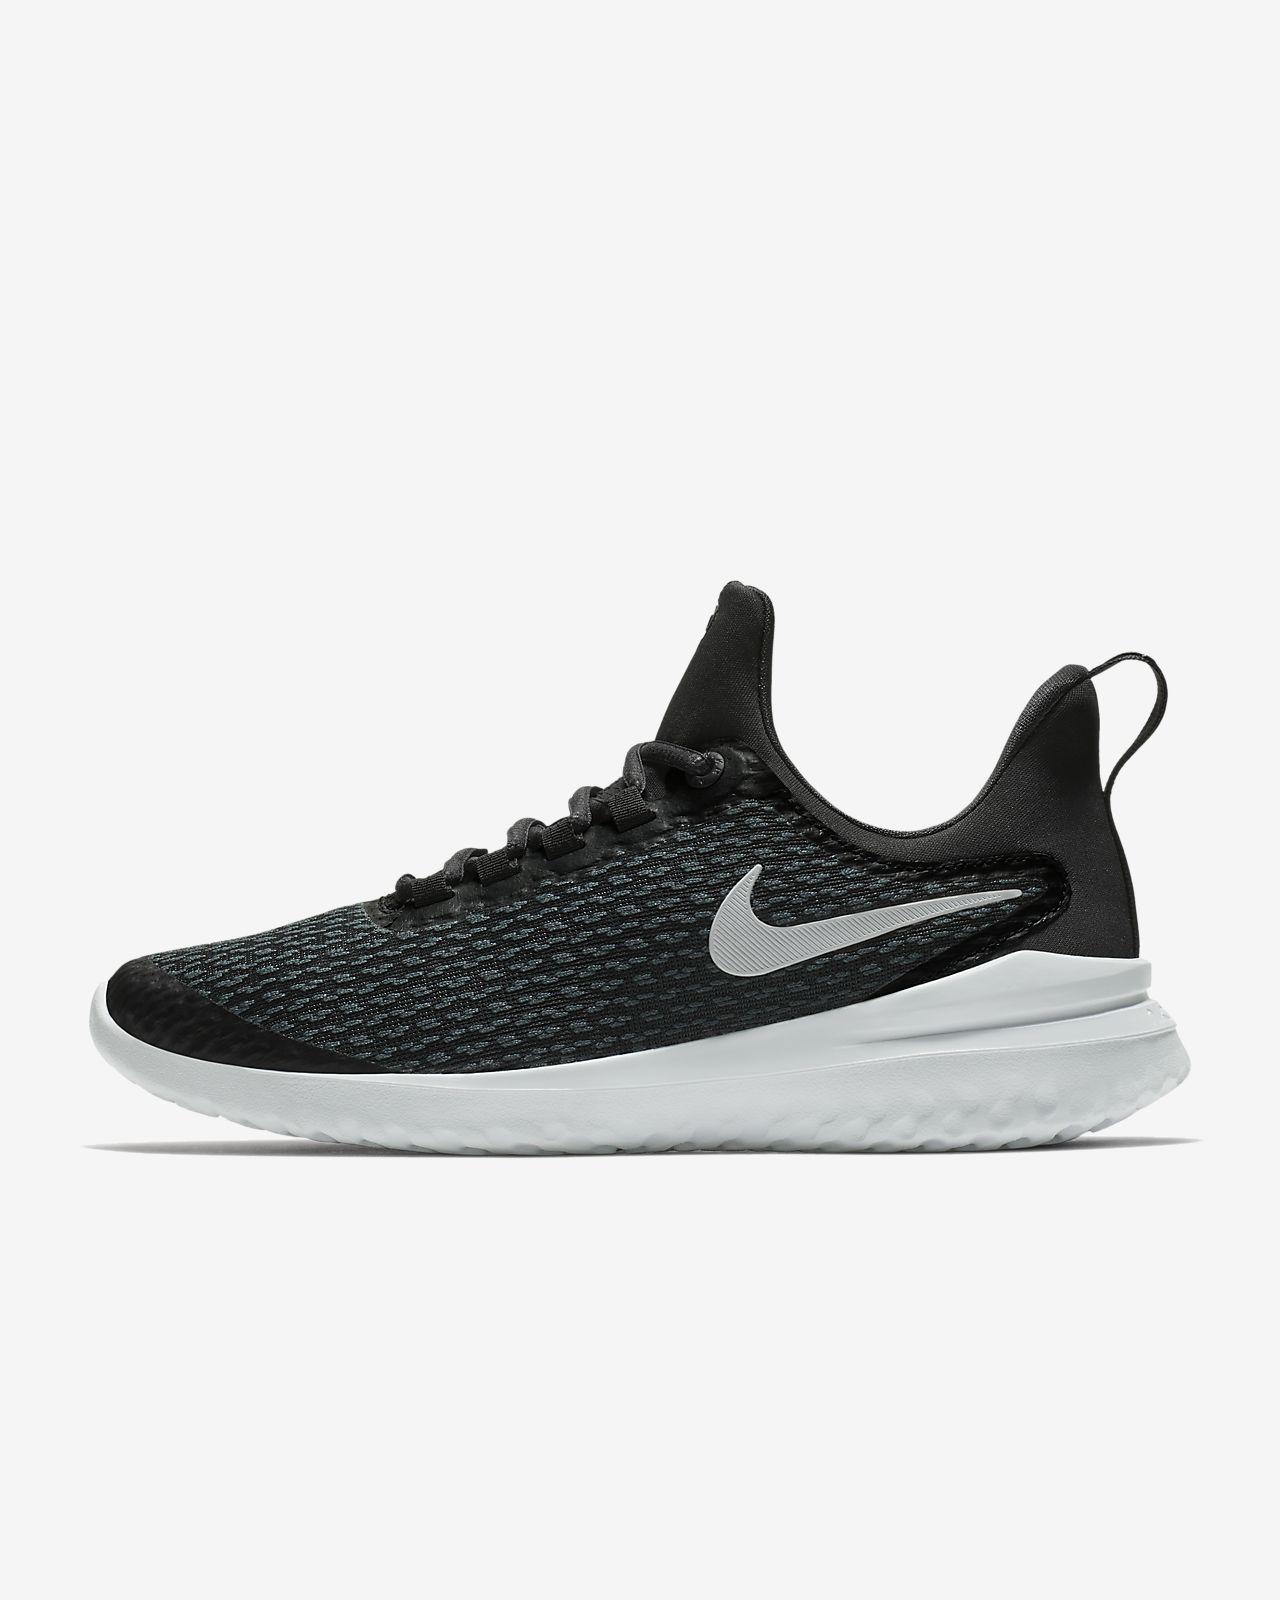 รองเท้าวิ่งผู้หญิง Nike Renew Rival